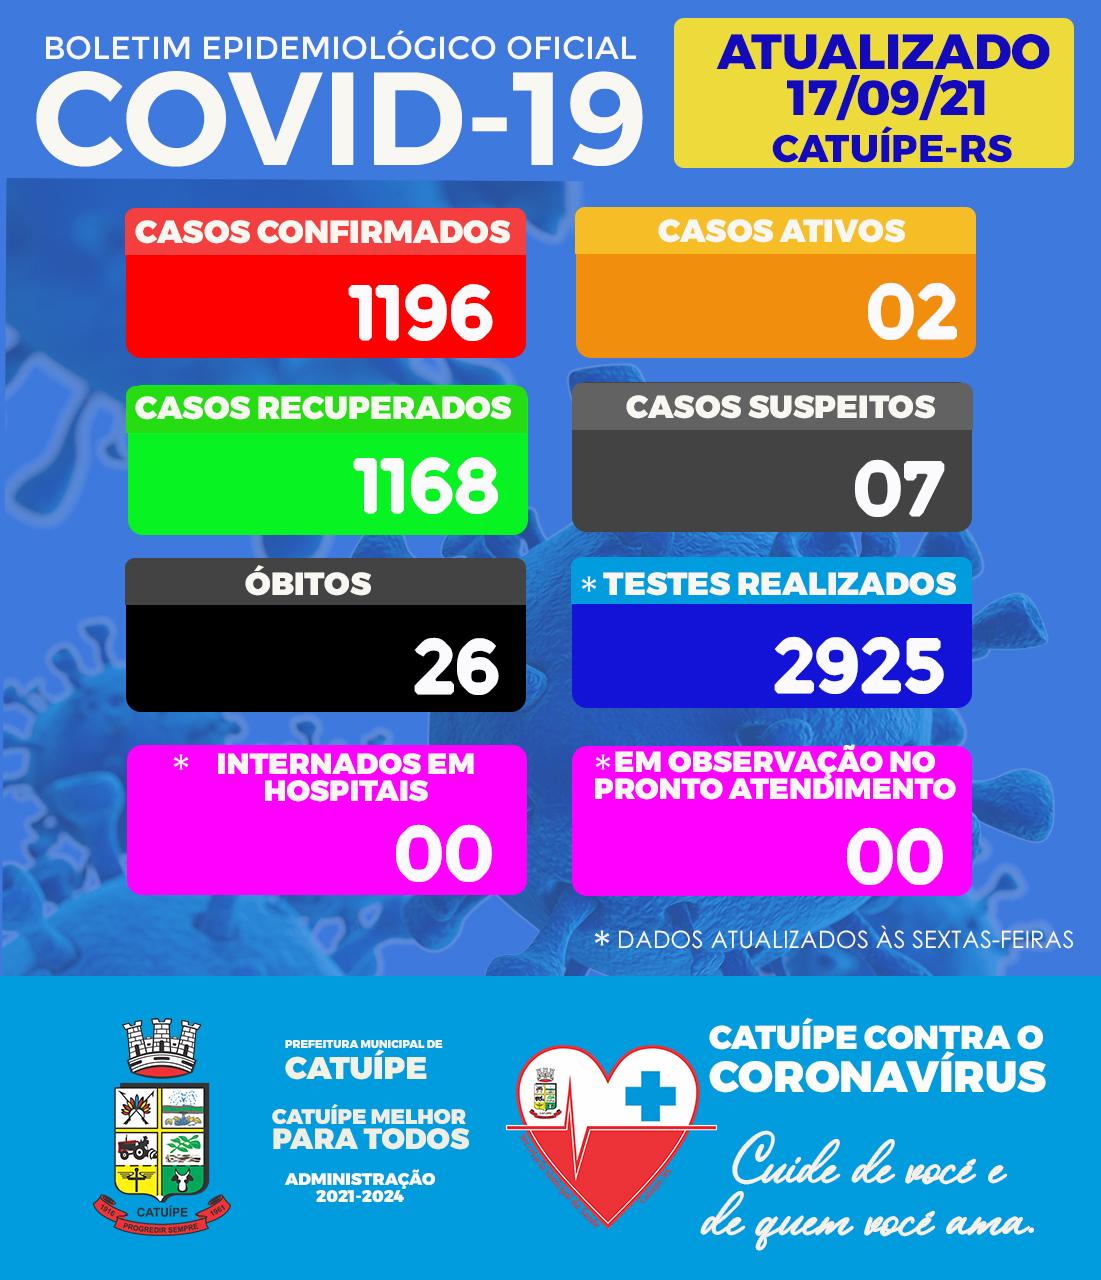 CALENDÁRIO DE VACINAÇÃO DIA 21, 22 E 23 DE SETEMBRO DE 2021